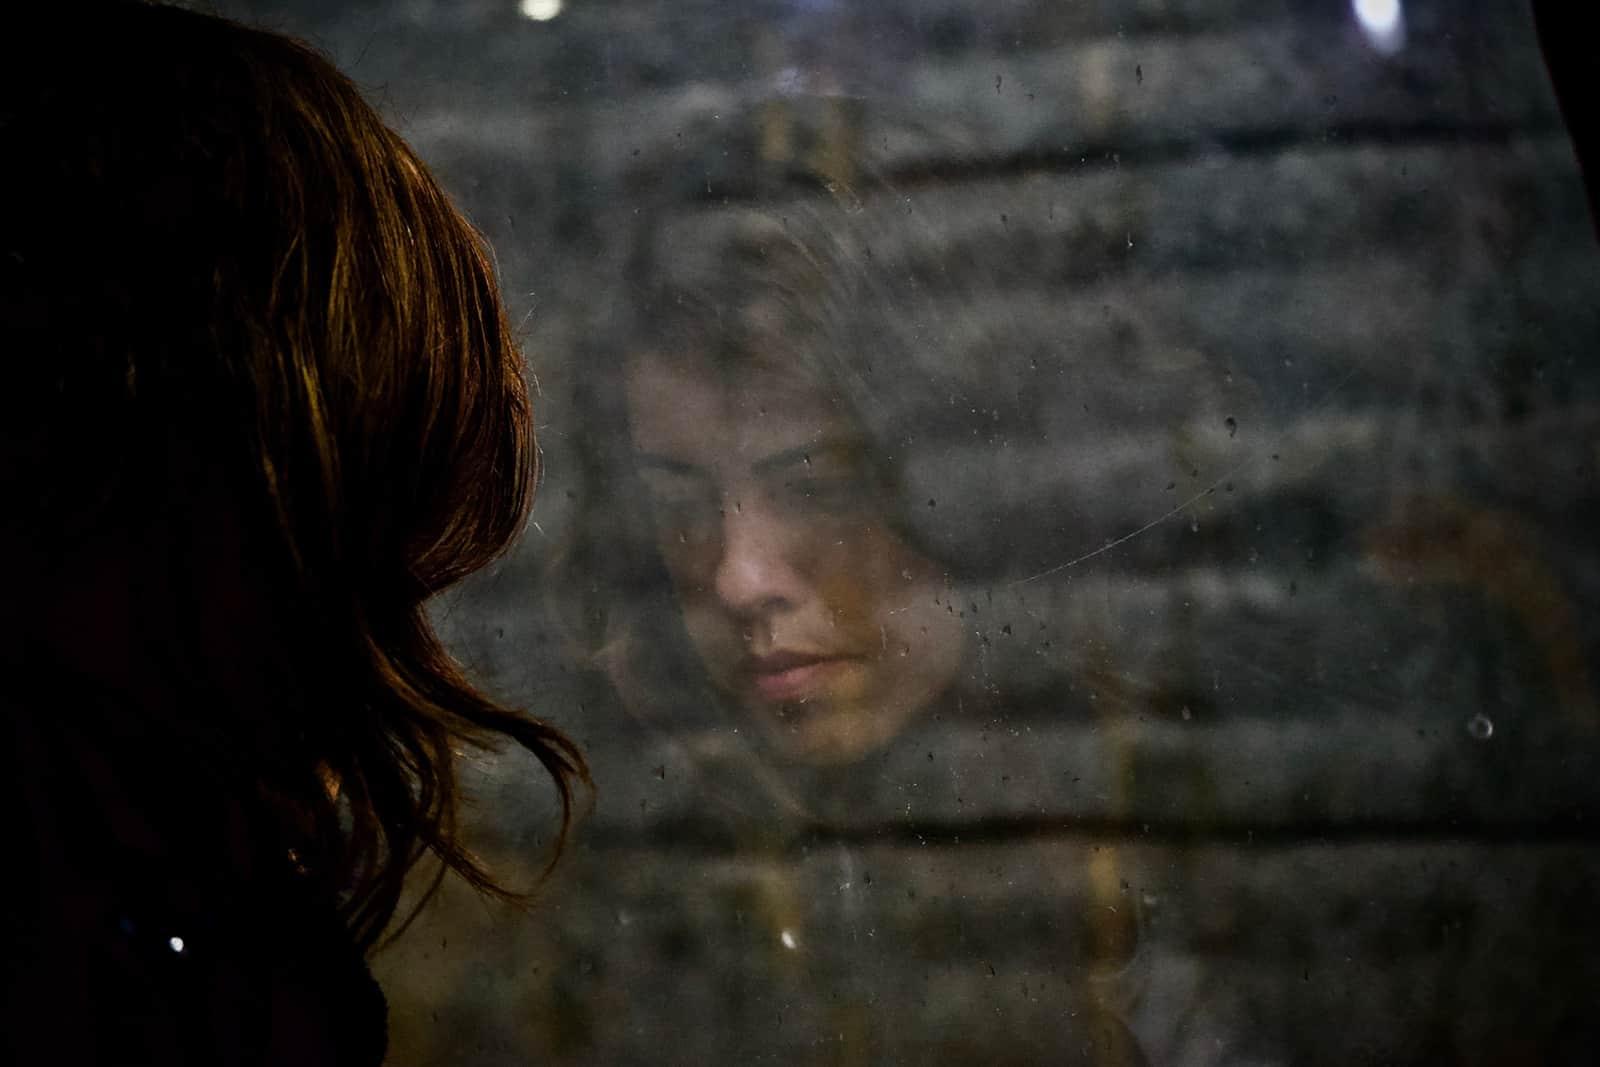 eine nachdenkliche Frau, die nach unten schaut und vor dem Fenster steht